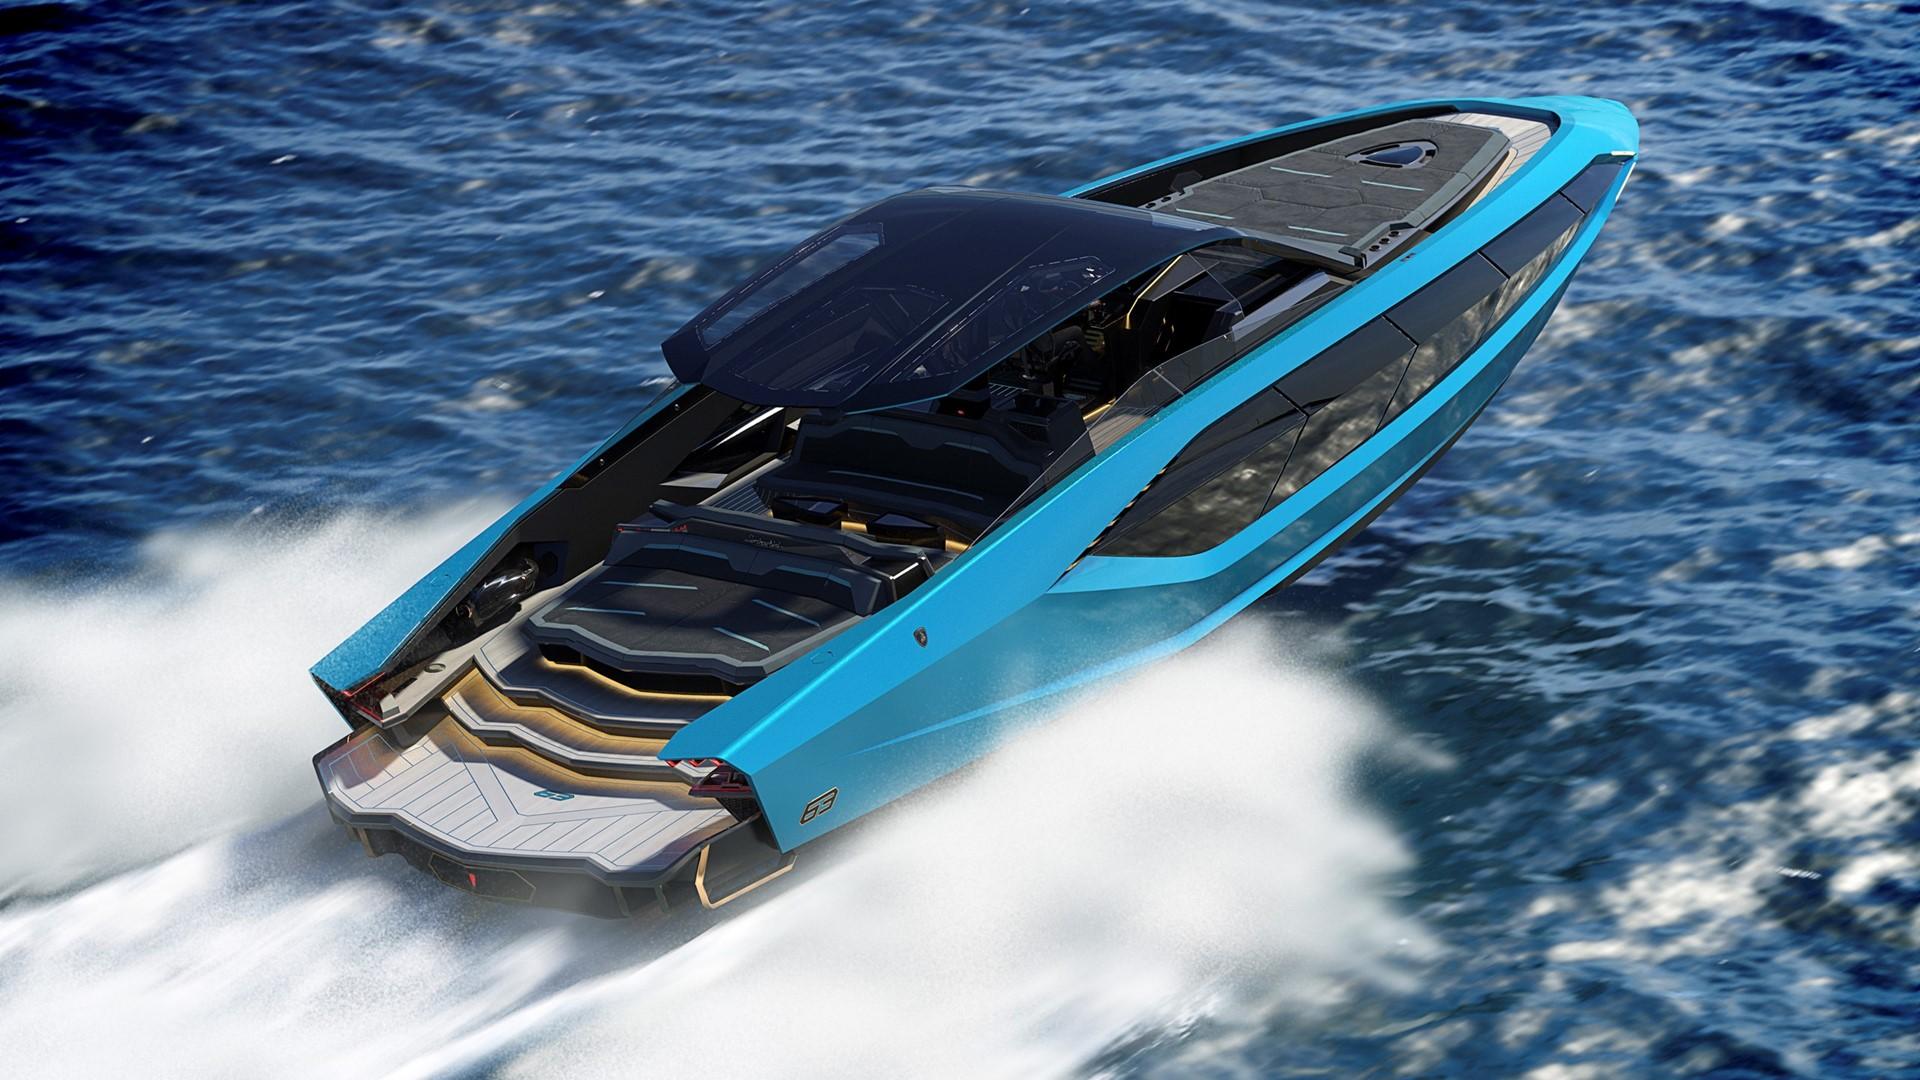 Automobili Lamborghini and The Italian Sea Group unveil the motor yacht 'Tecnomar for Lamborghini 63' - Image 8